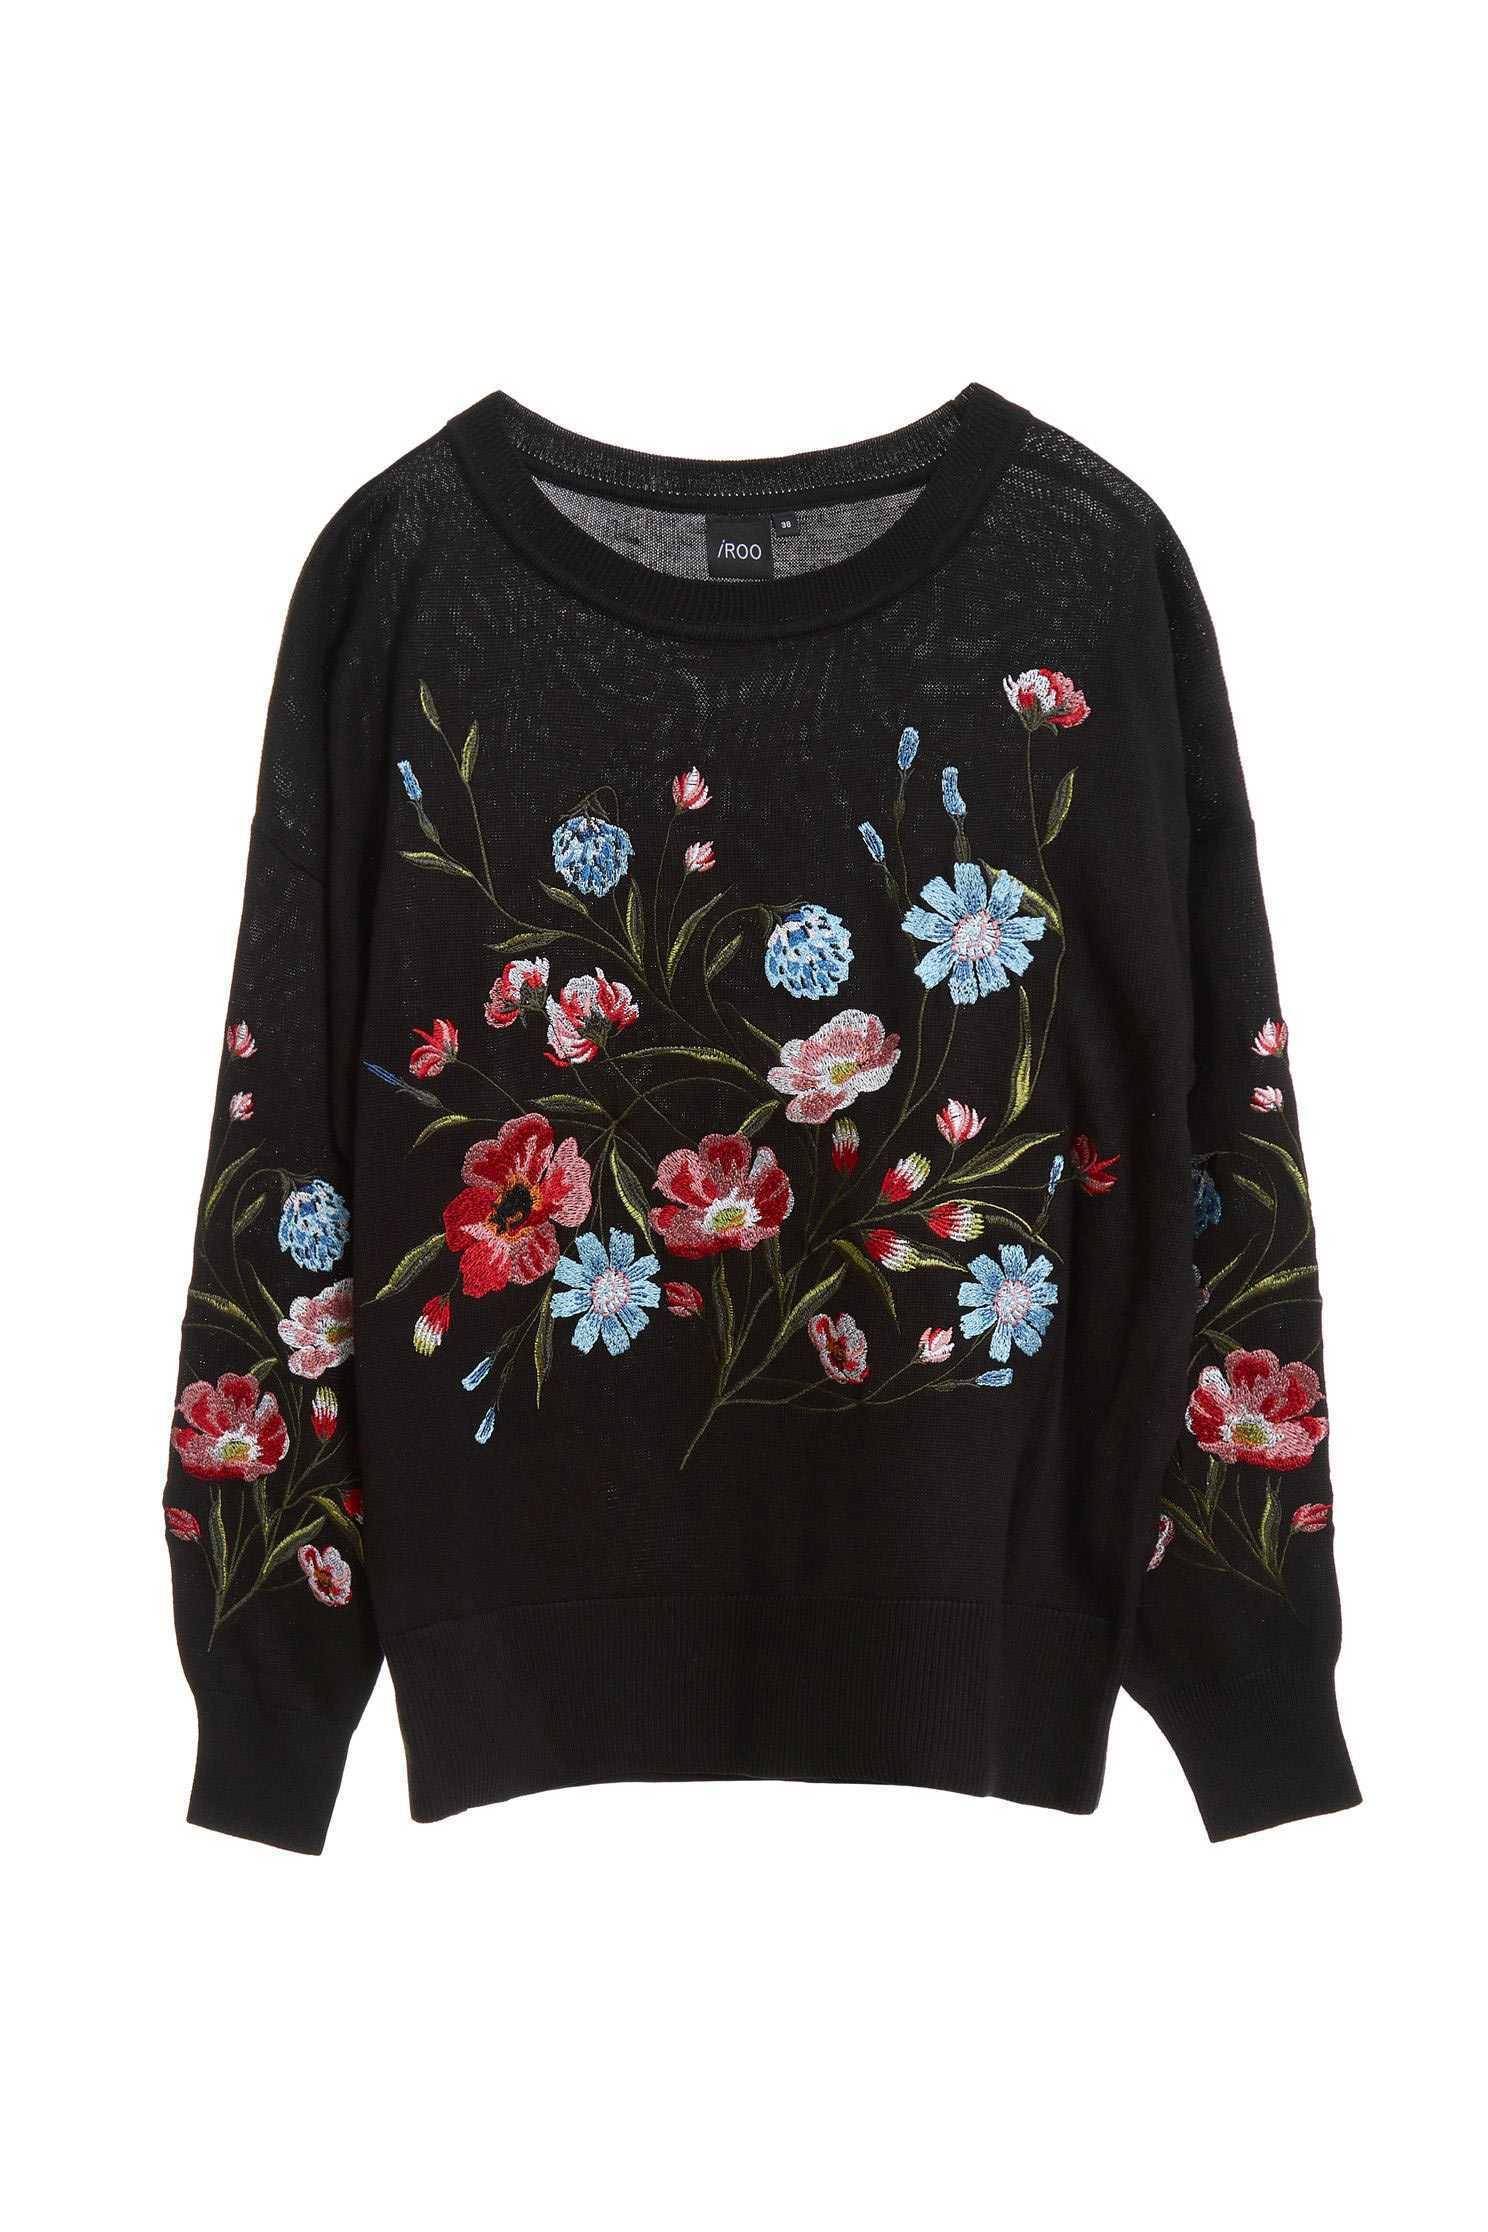 Floral knitwear